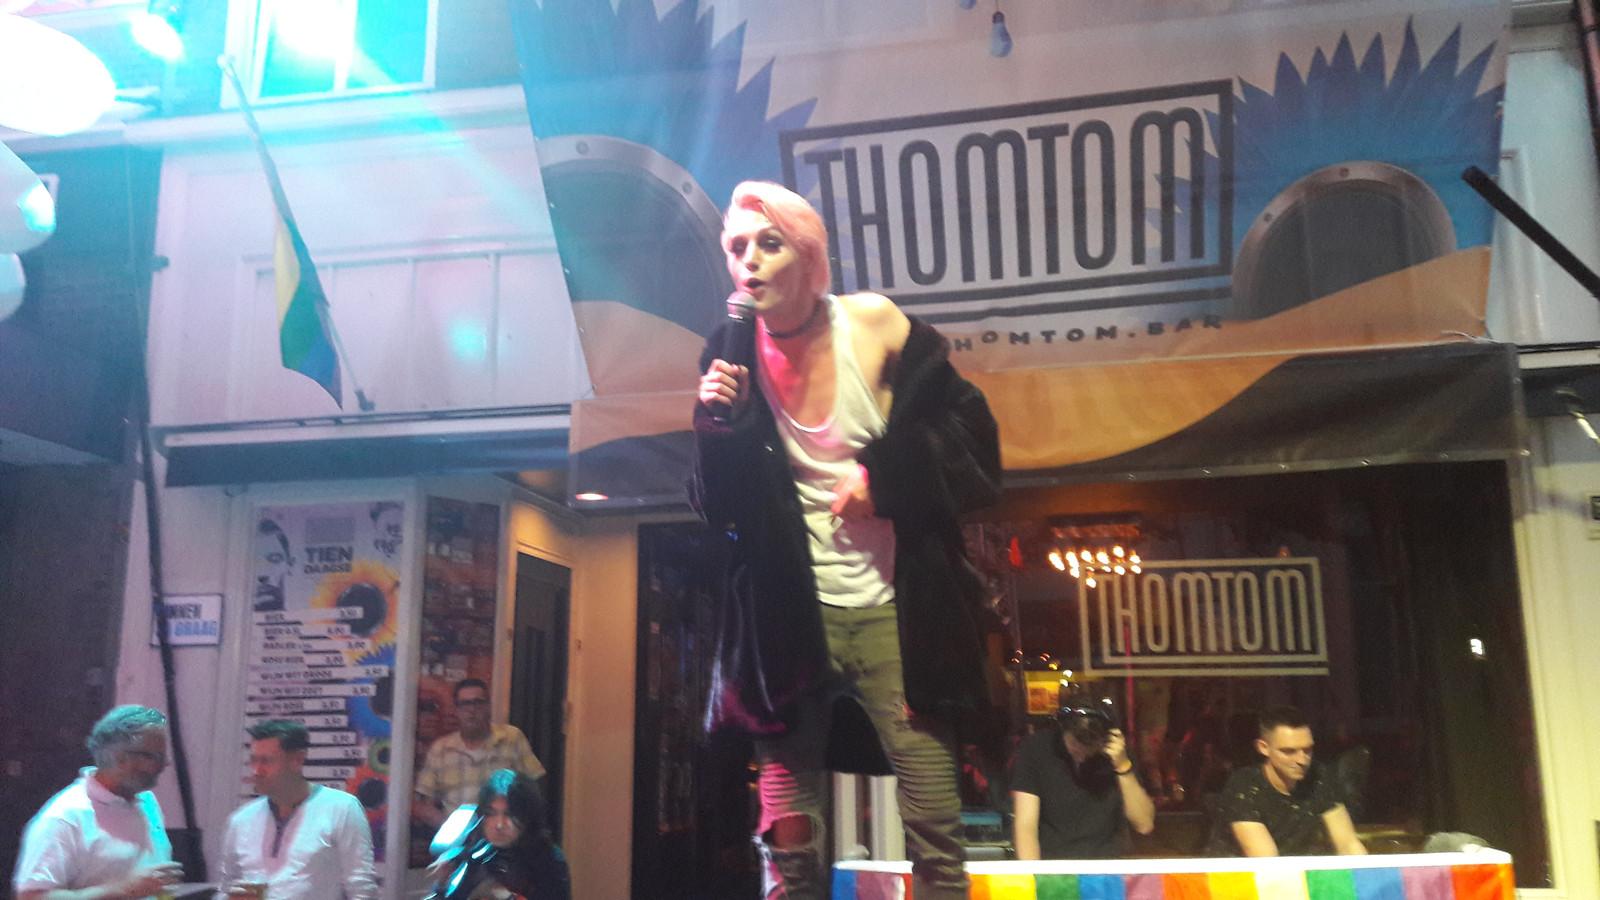 Ferry de Ruijter op het podium voor Thomtom.